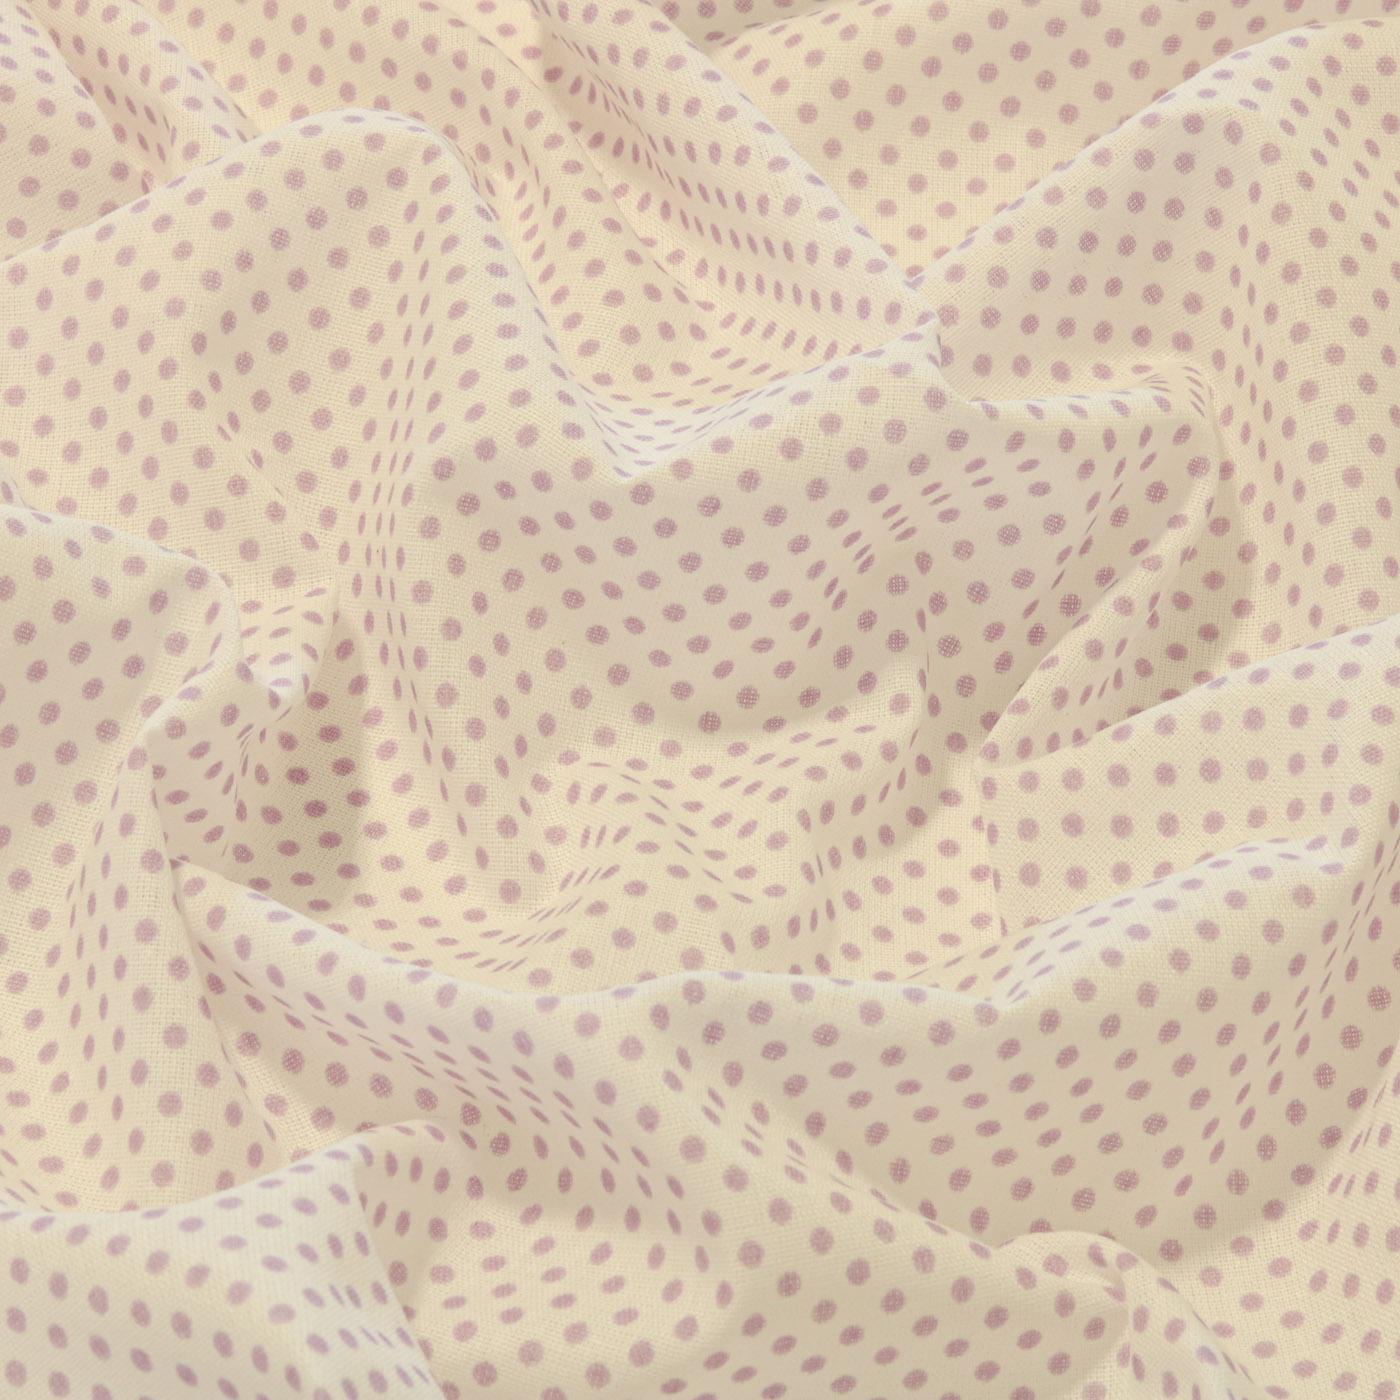 Tecido Tricoline Estampado Patchwork Poa Bola Bolinhas Lilás